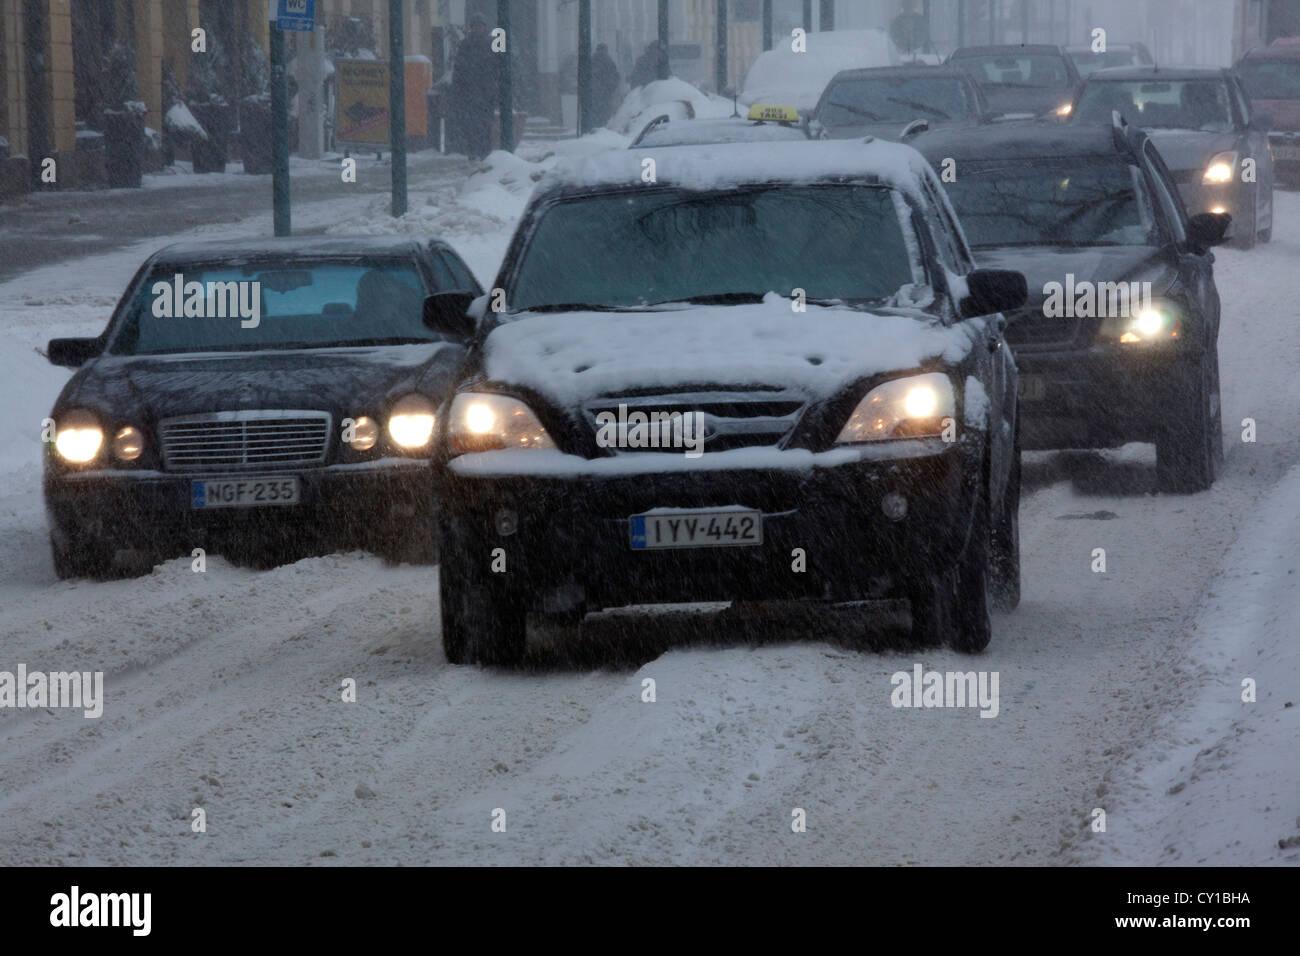 Winter in Helsinki - Stock Image